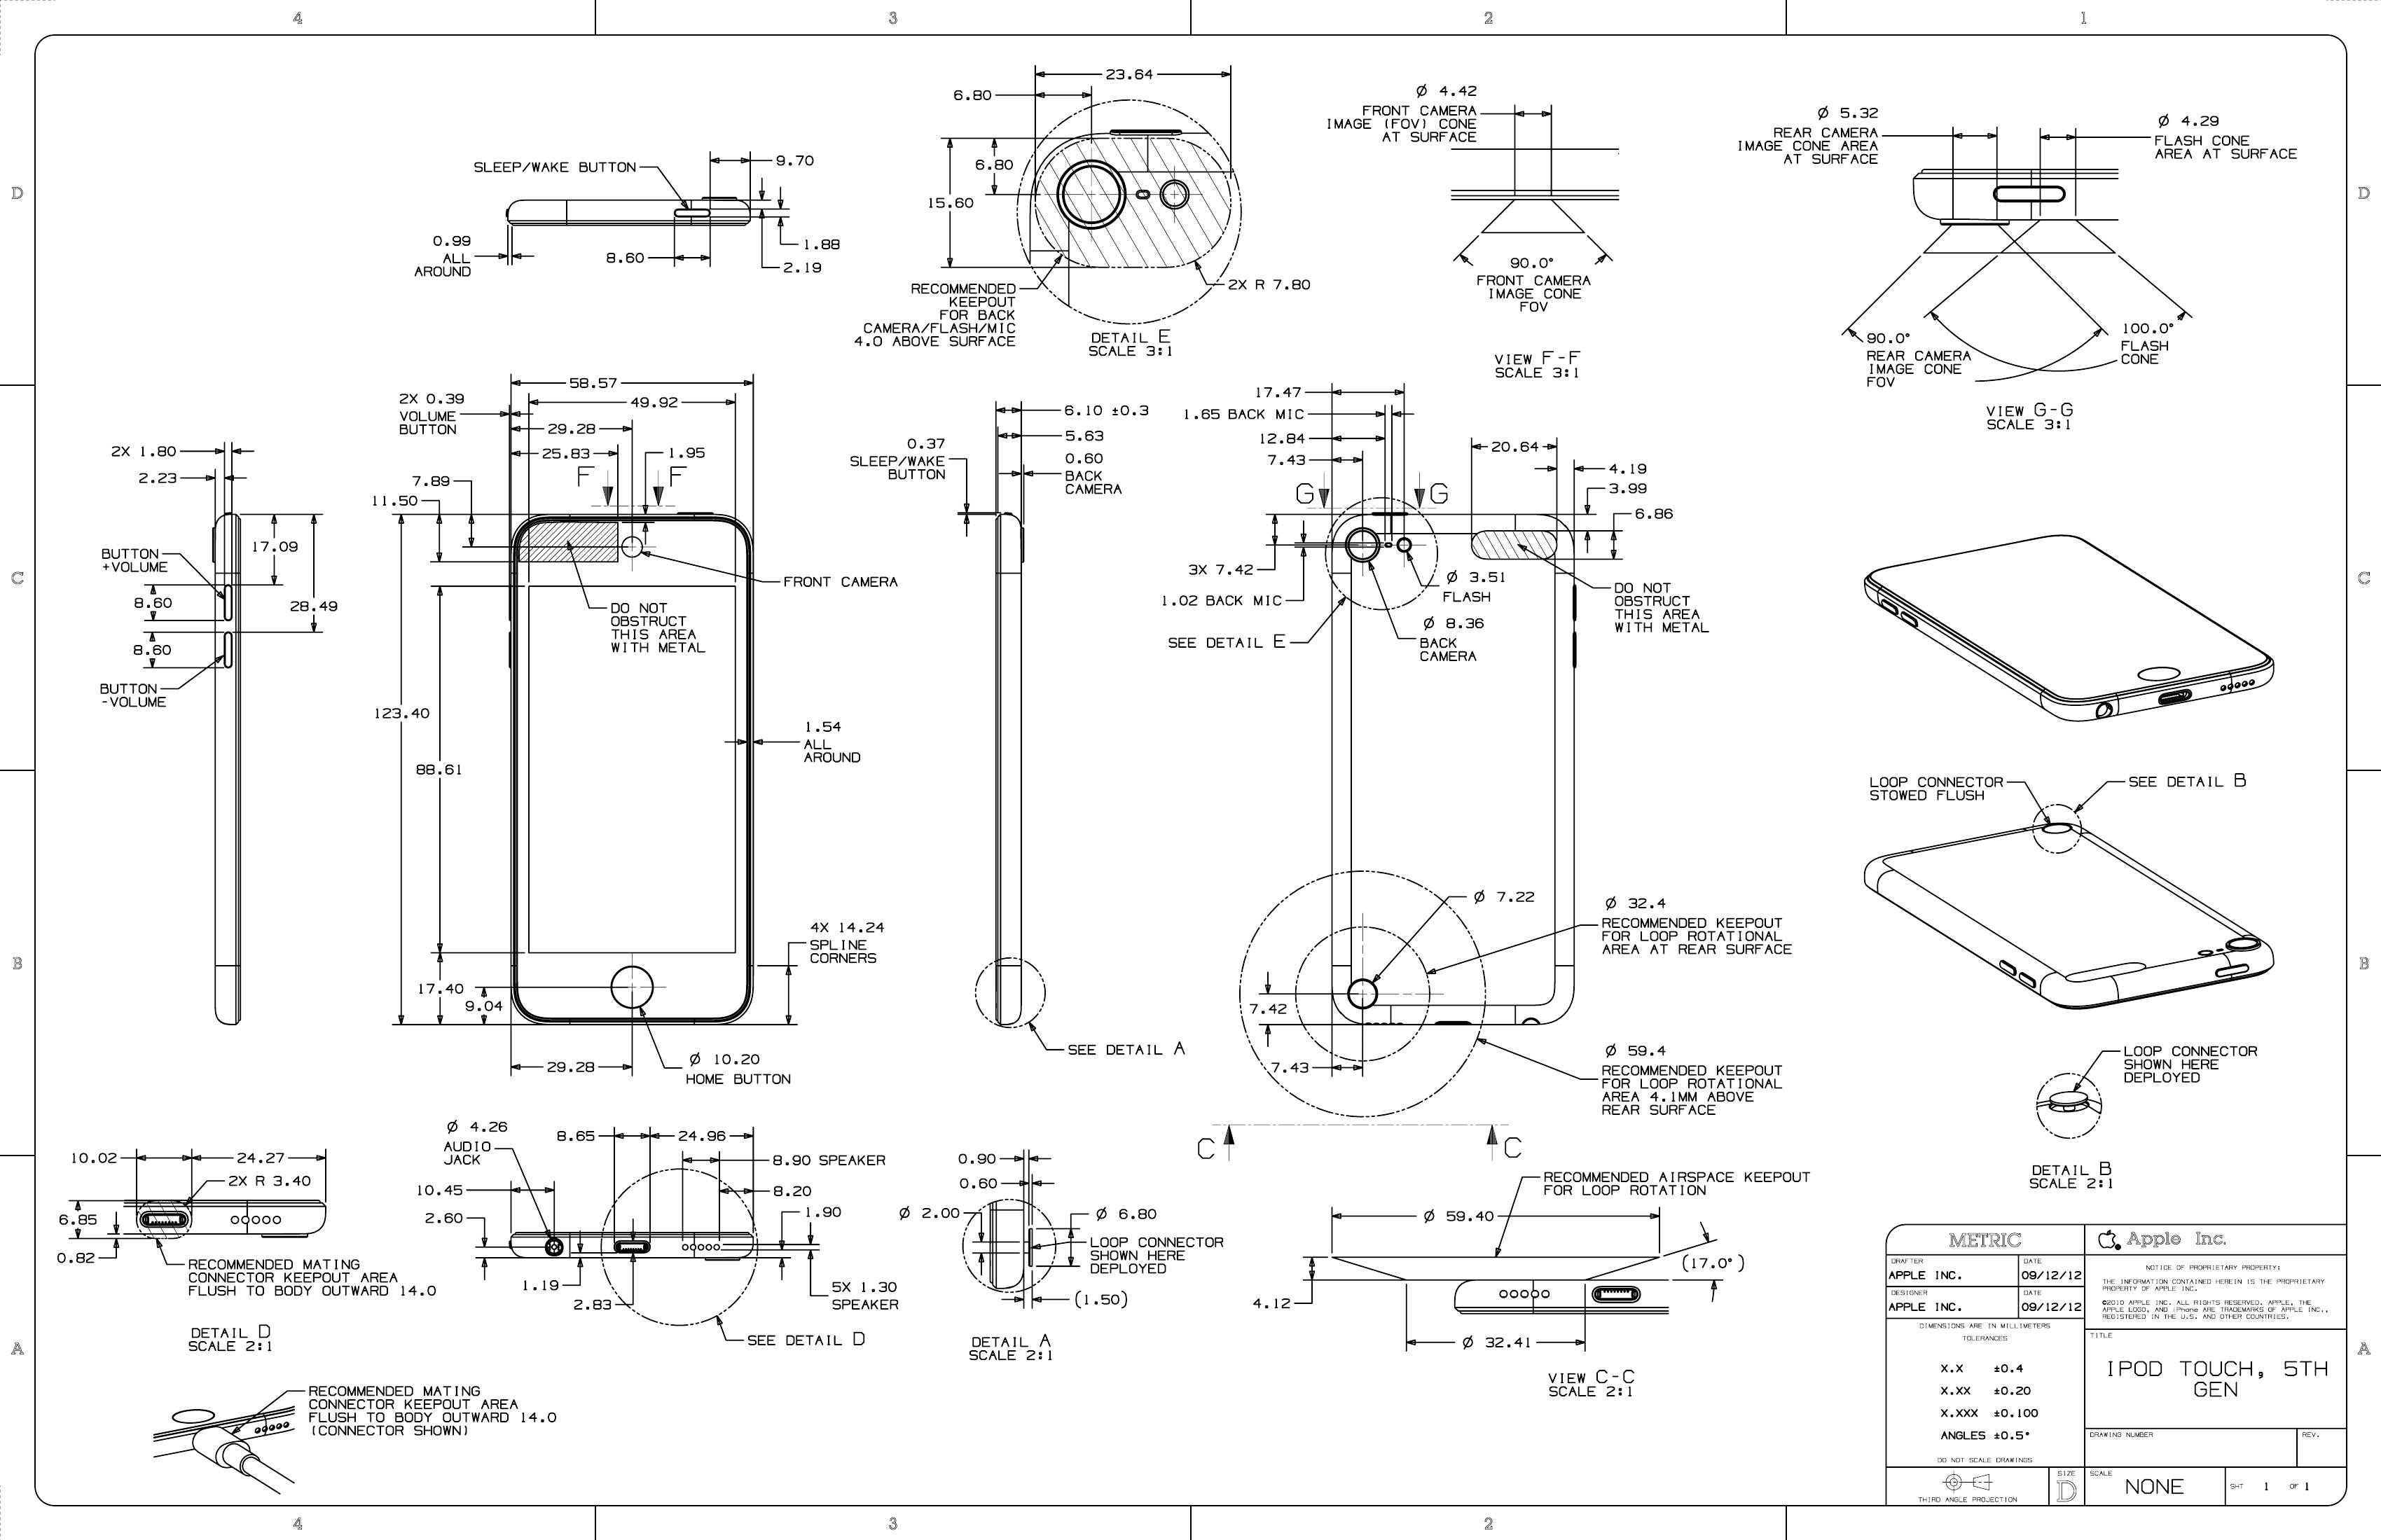 Ipad Design Specs Case Design Specs For 5th Gen